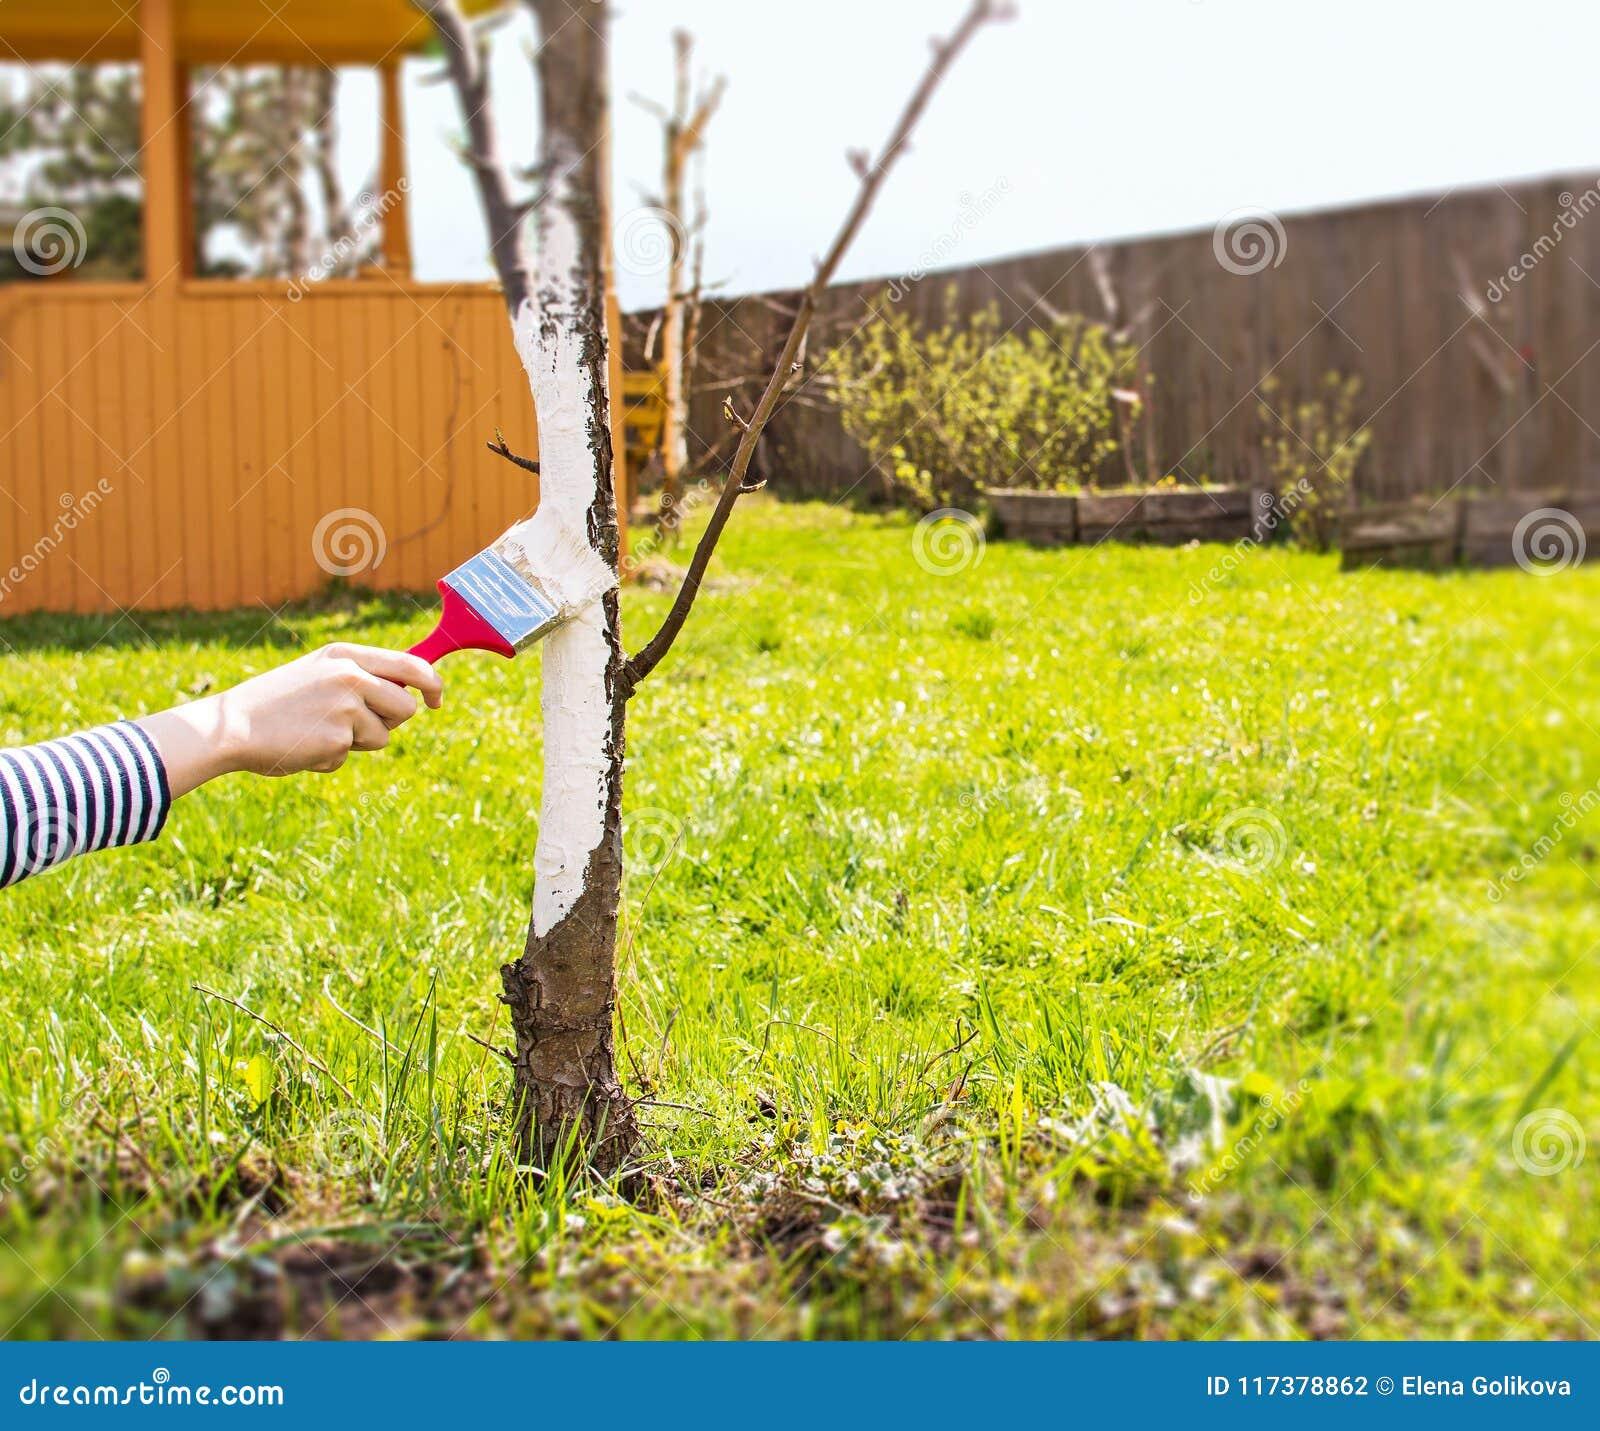 Onwijs Het Vergoelijken Van Fruitbomen In De Lente Zorg Van De Tuin De XU-53